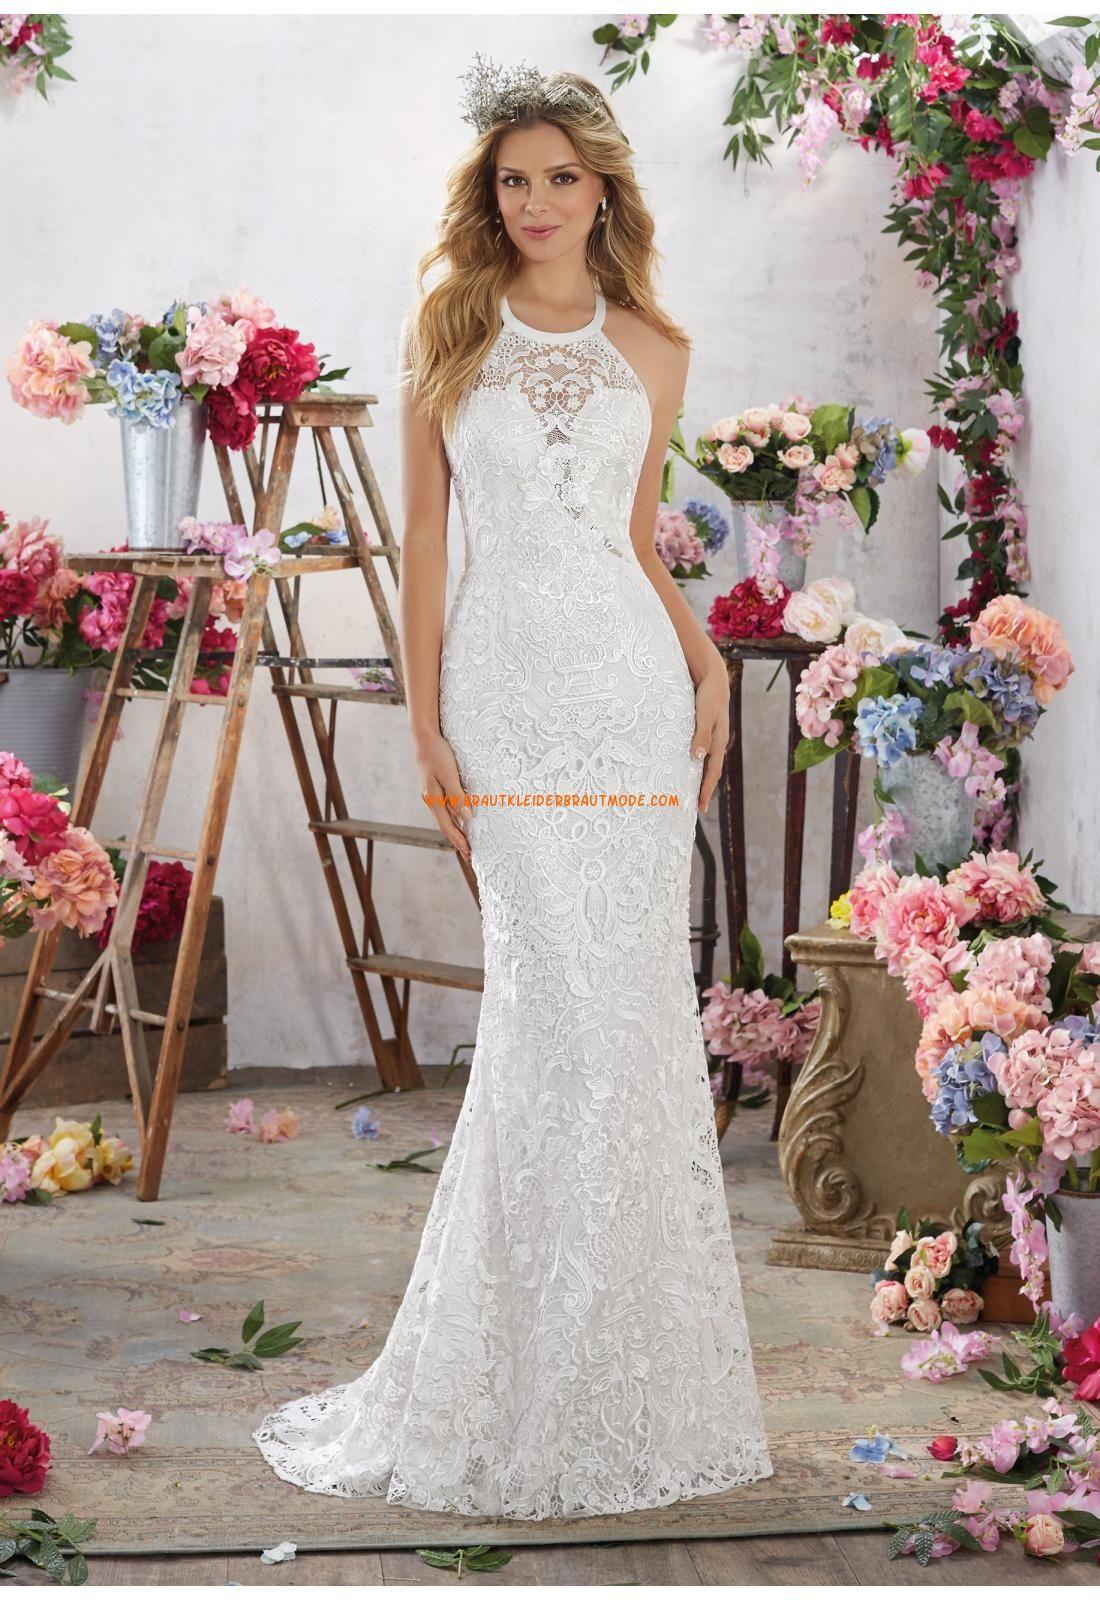 Meerjungfrau modische glamouröse brautkleider aus spitze mit